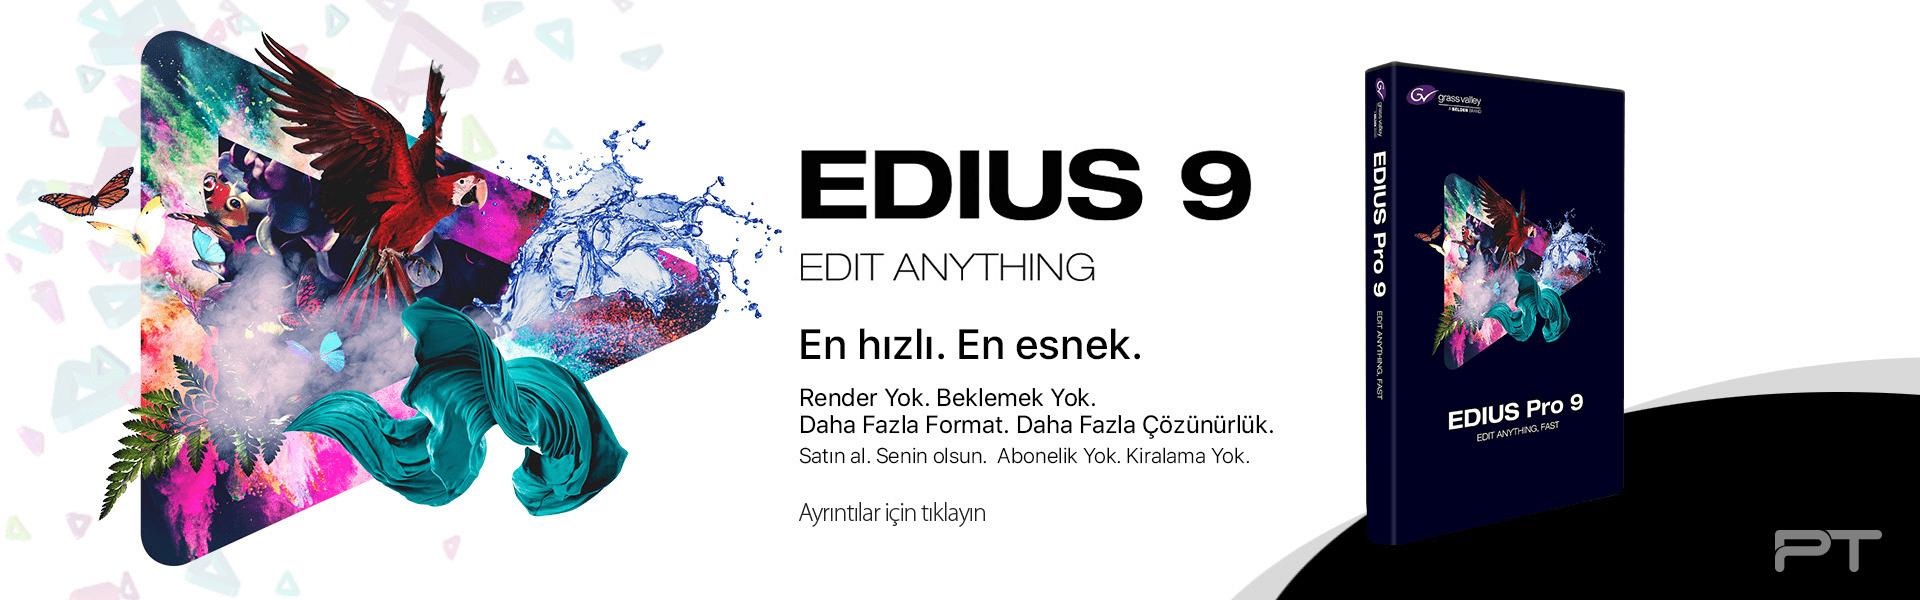 Edius 9